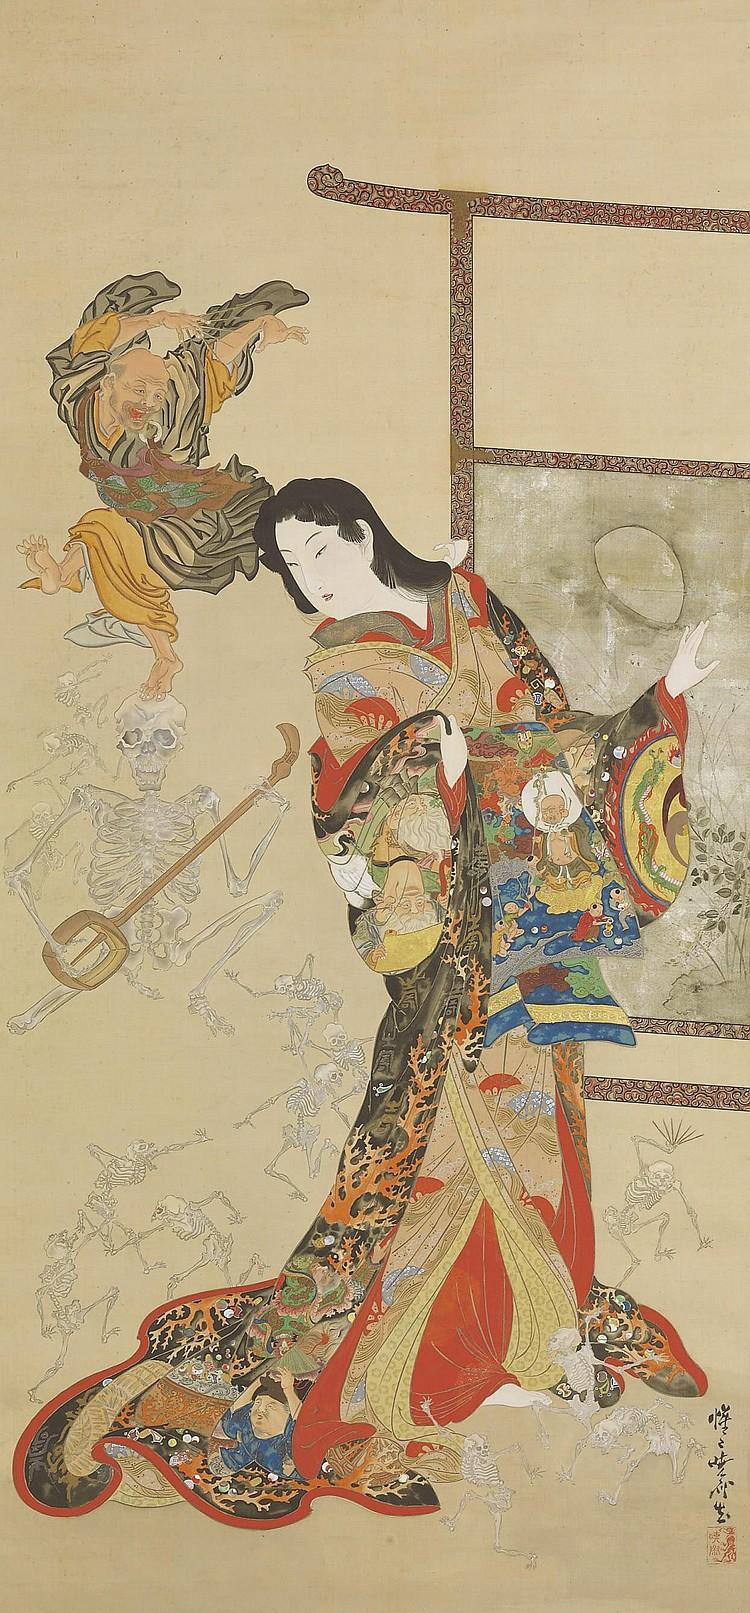 Kawanabe Kyosai (1831-89)